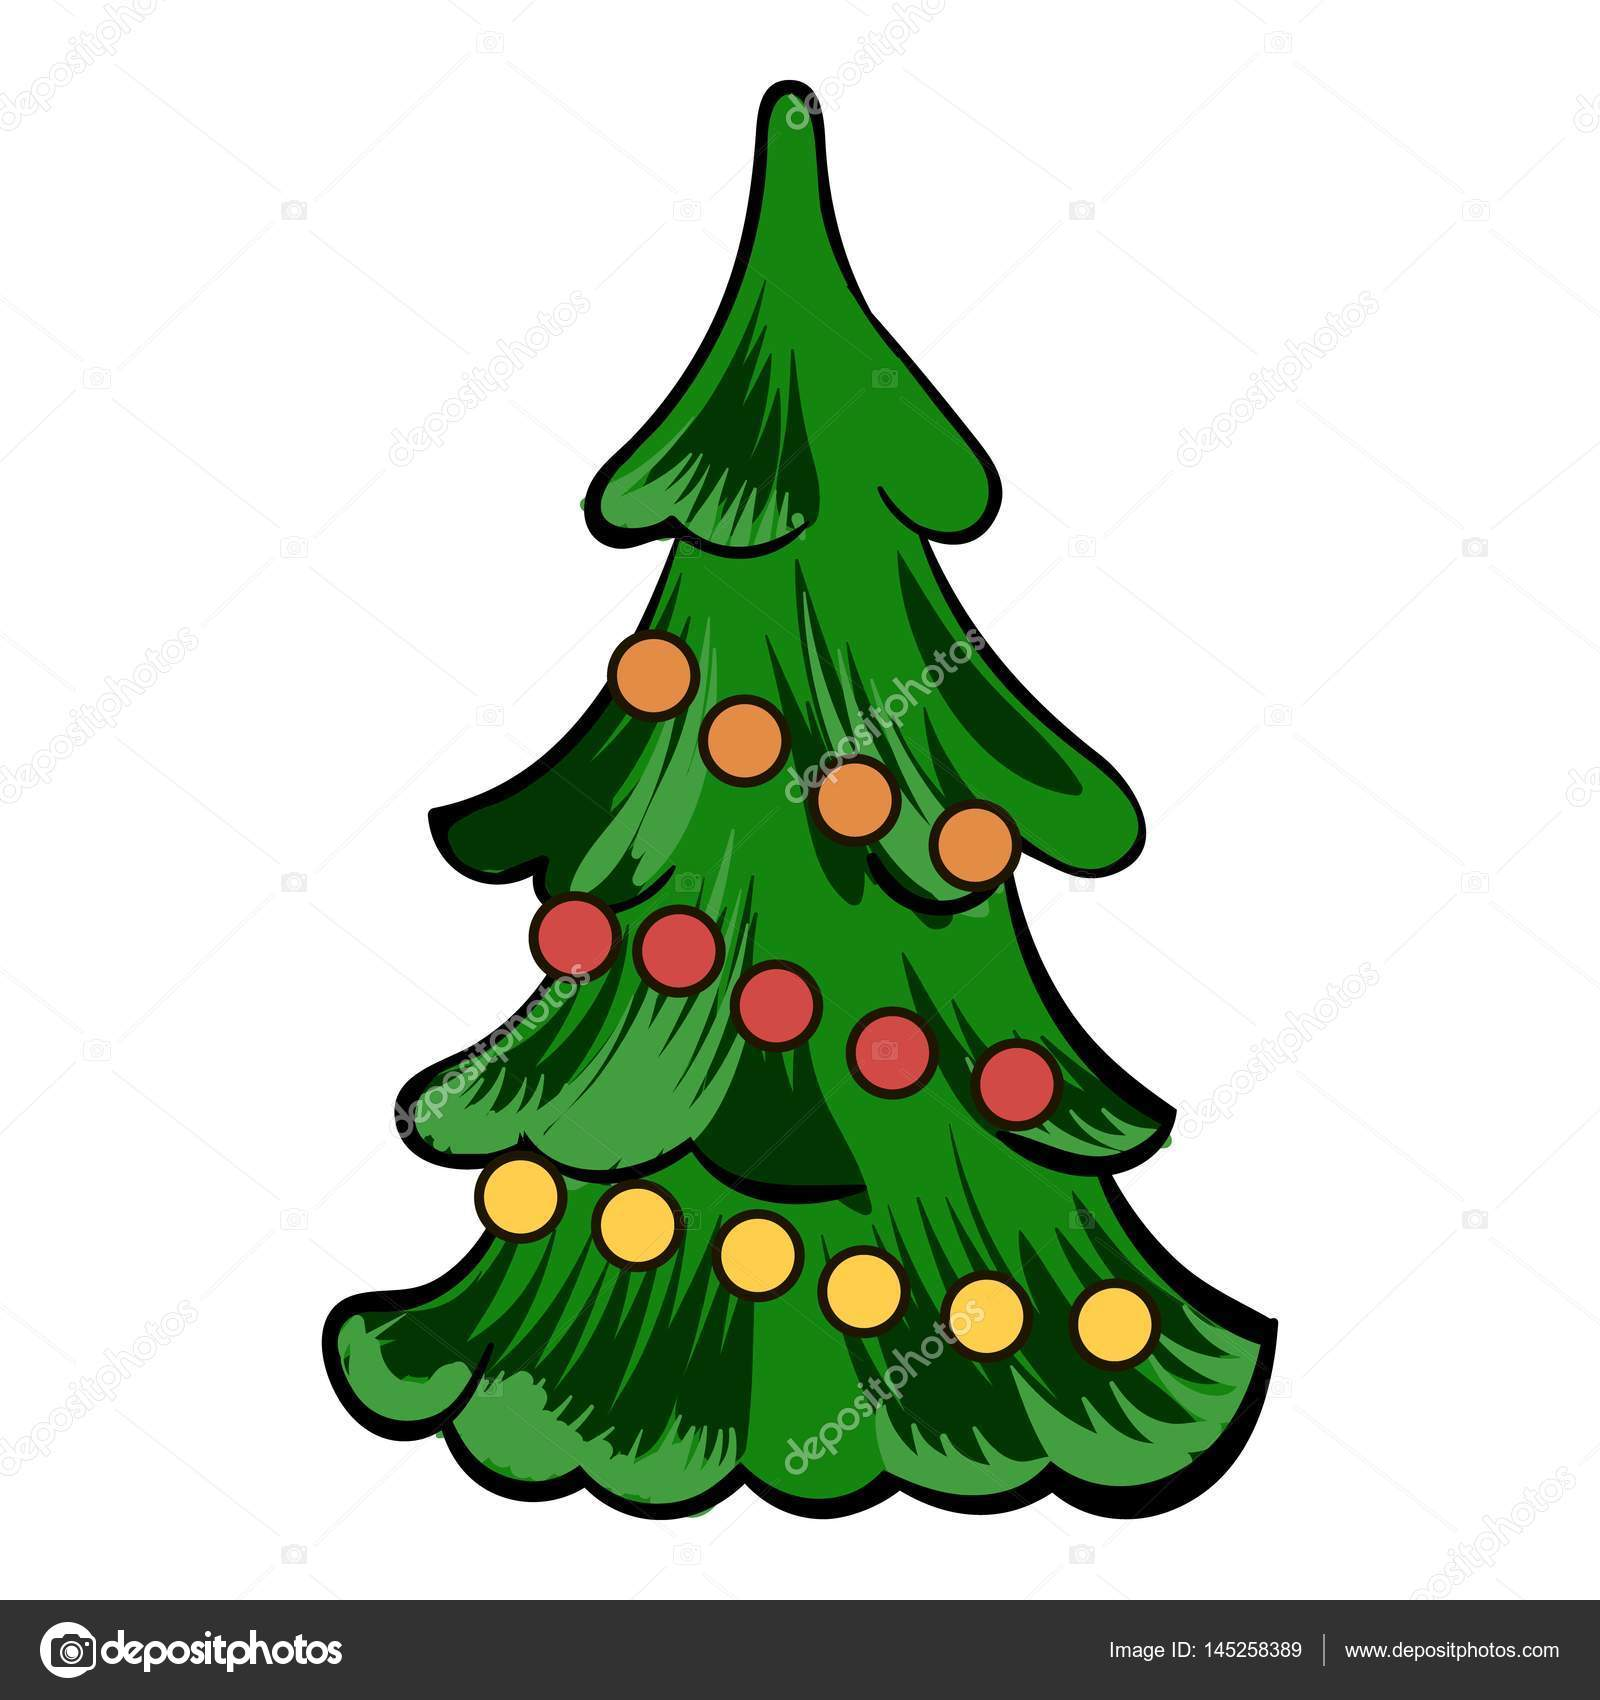 Dibujos árboles De Navidad Dibujos Animados Icono De árbol De